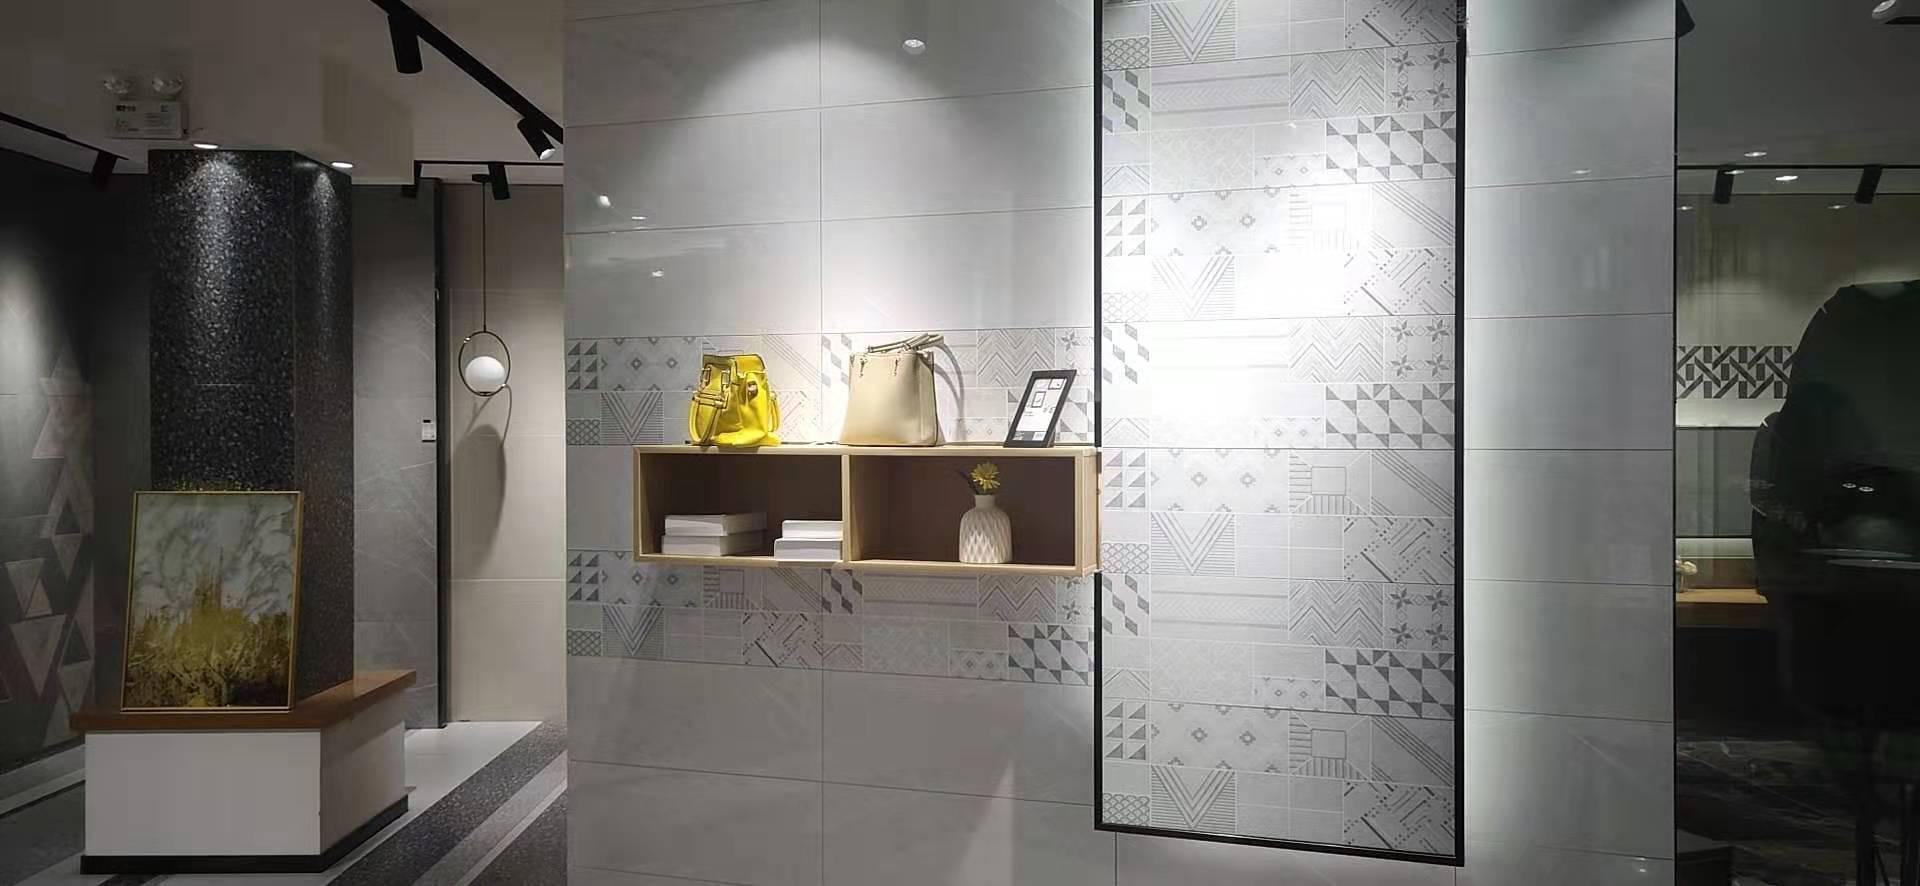 聊城室内现代轻奢瓷砖批发,现代轻奢瓷砖